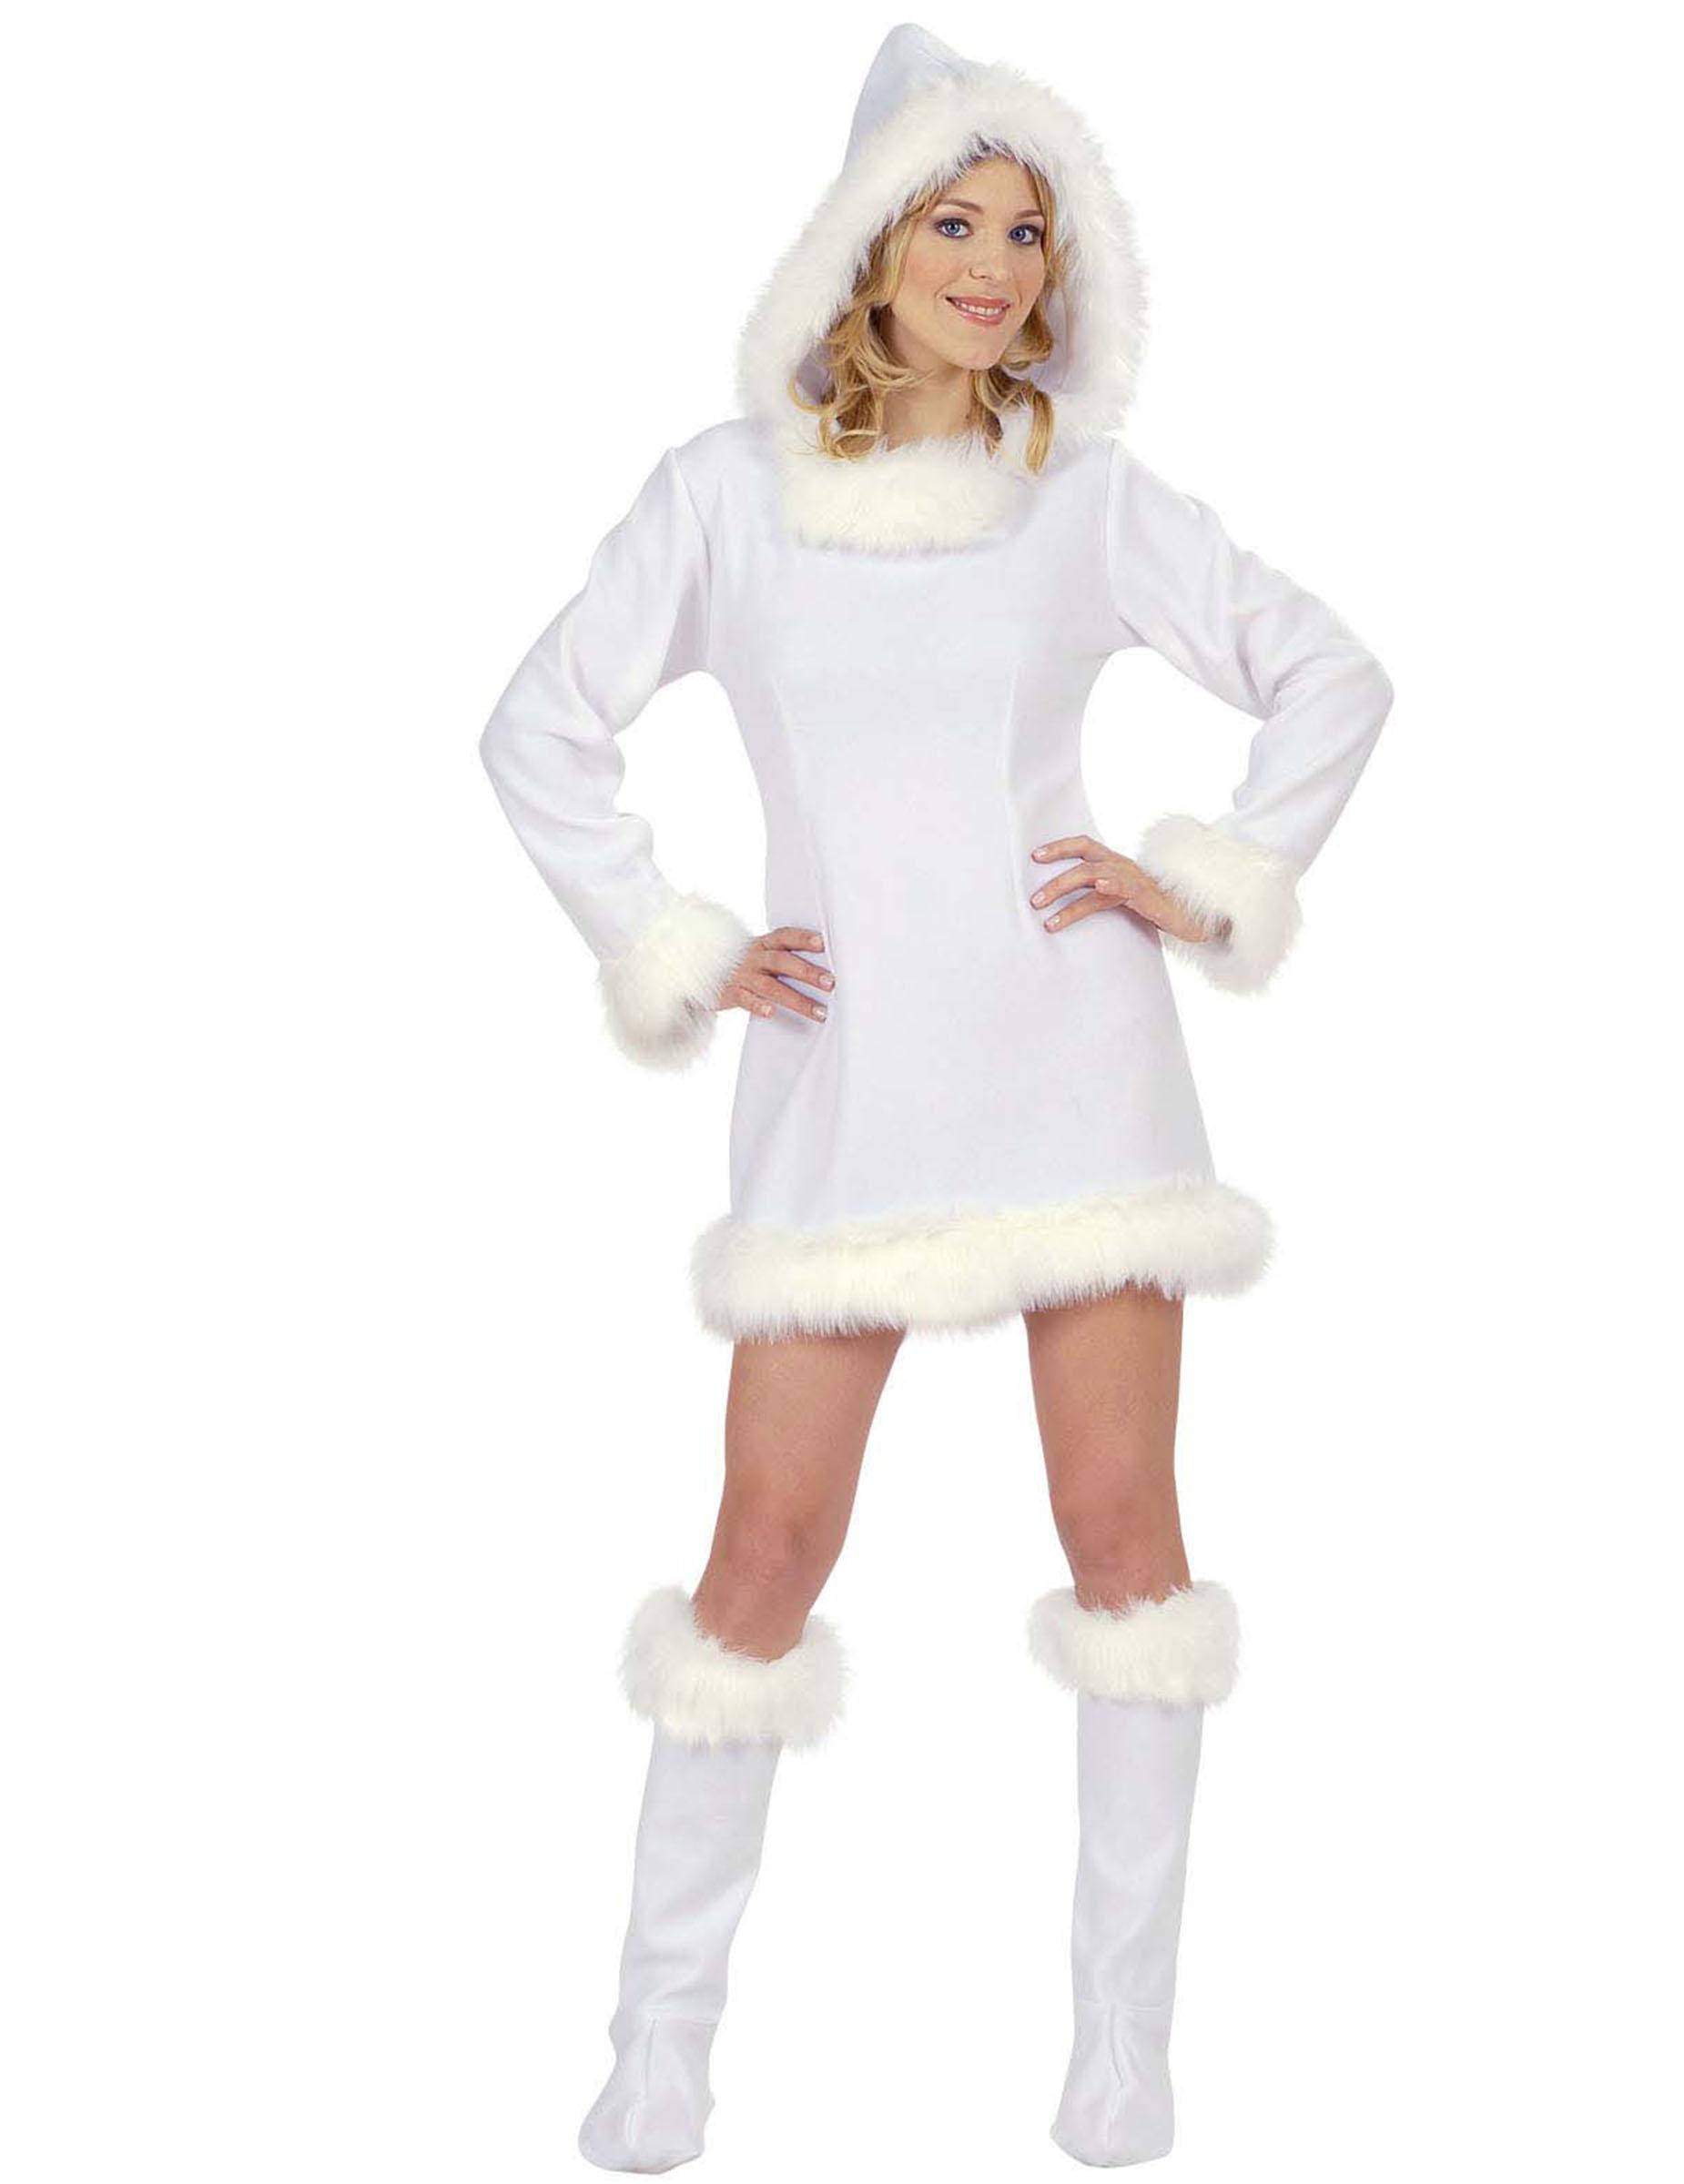 cerca autentico Los Angeles come acquistare Costume eschimese bianco donna: Costumi adulti,e vestiti di ...